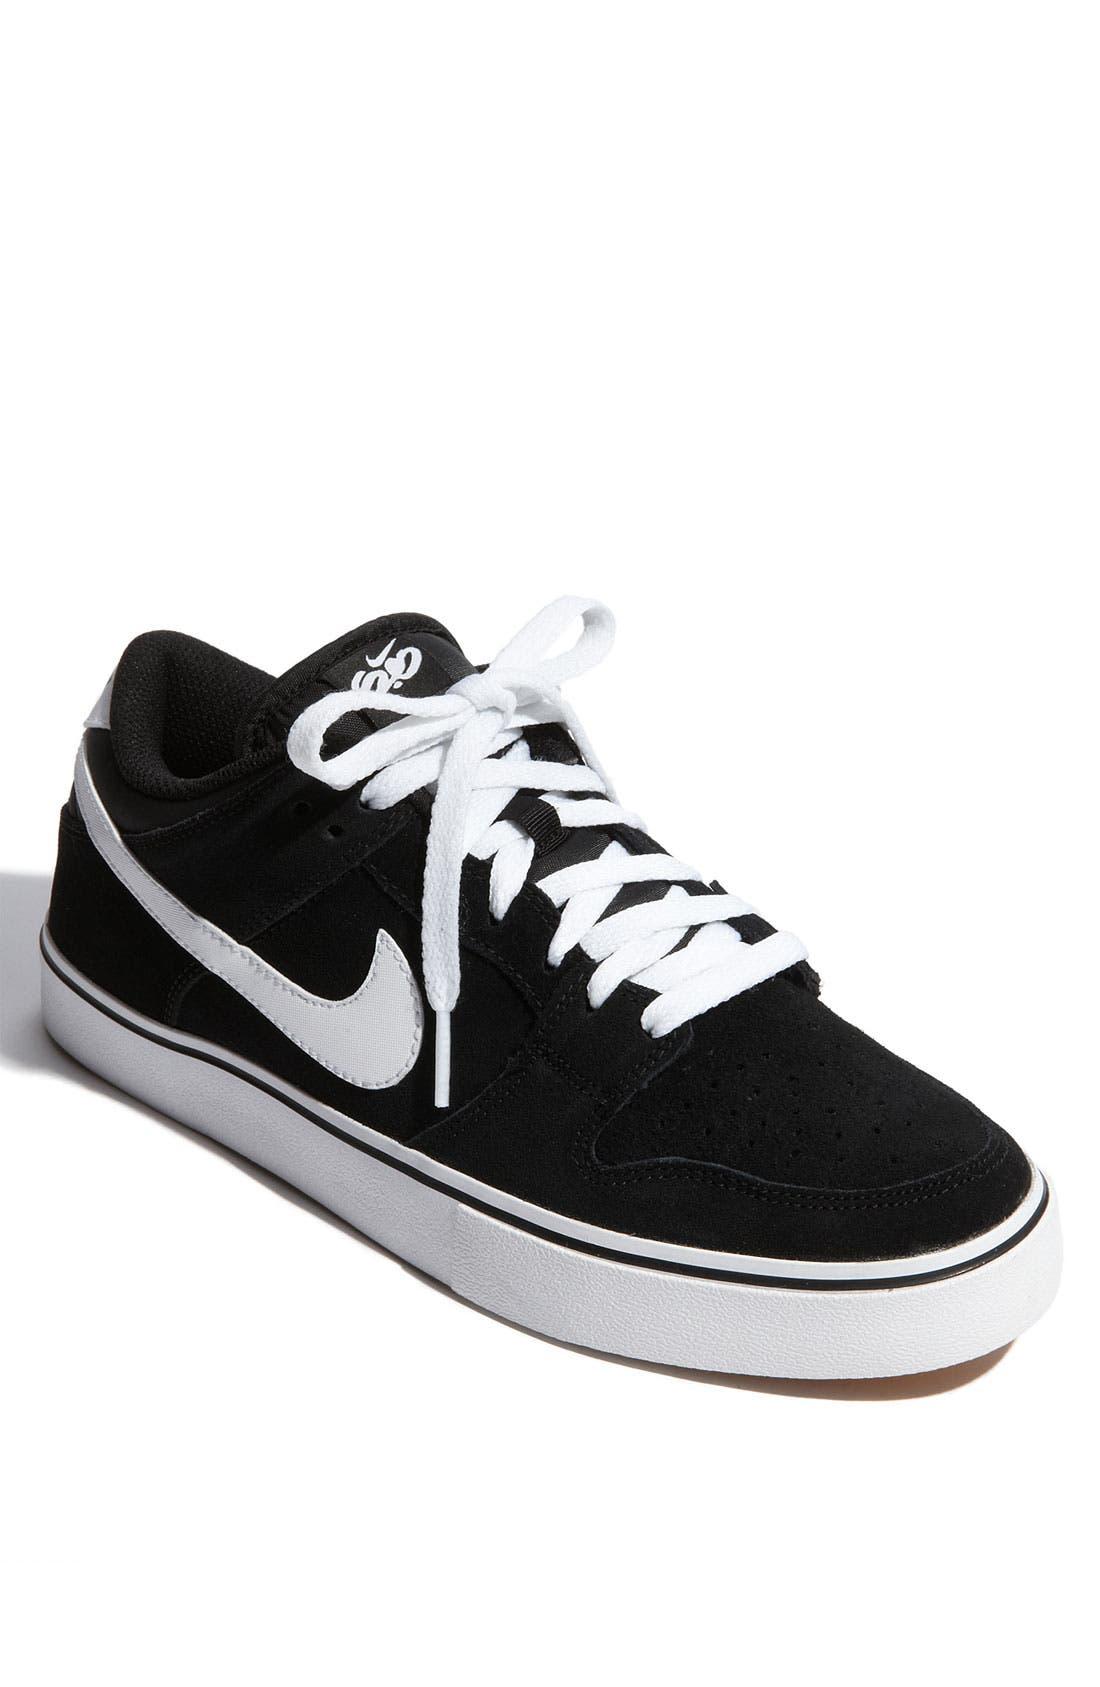 Alternate Image 1 Selected - Nike '6.0 Dunk Low LR' Sneaker (Men)